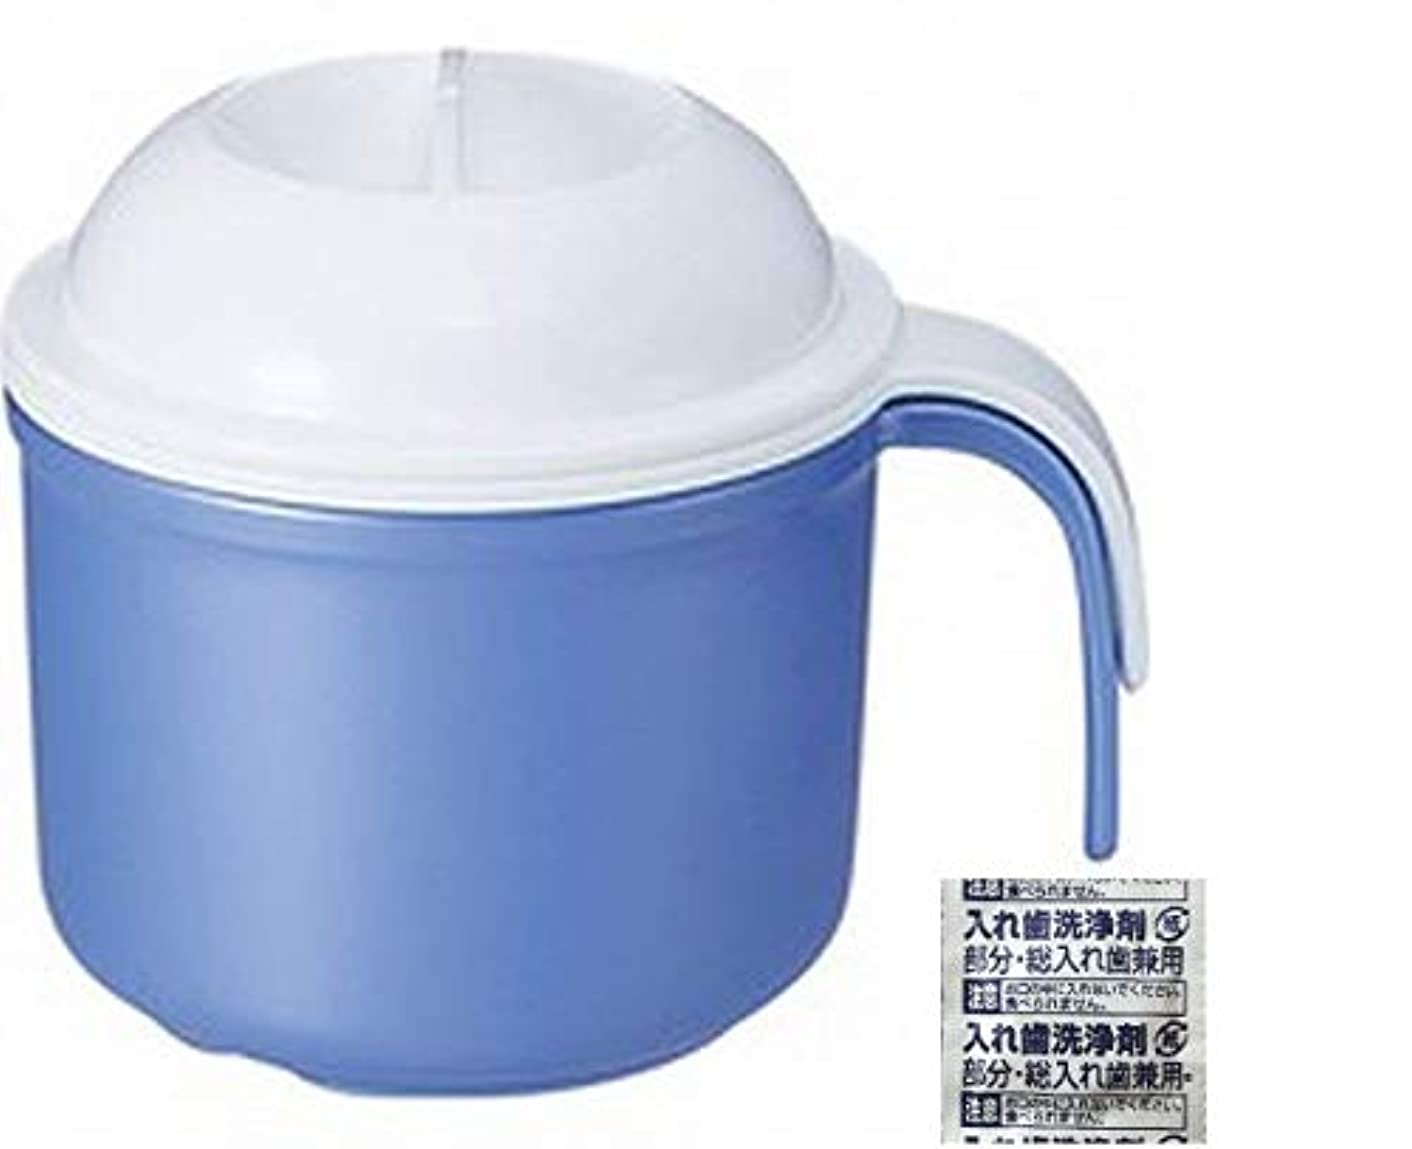 日本製 入れ歯ケース 煮沸消毒可能 耐熱100度 J-9608